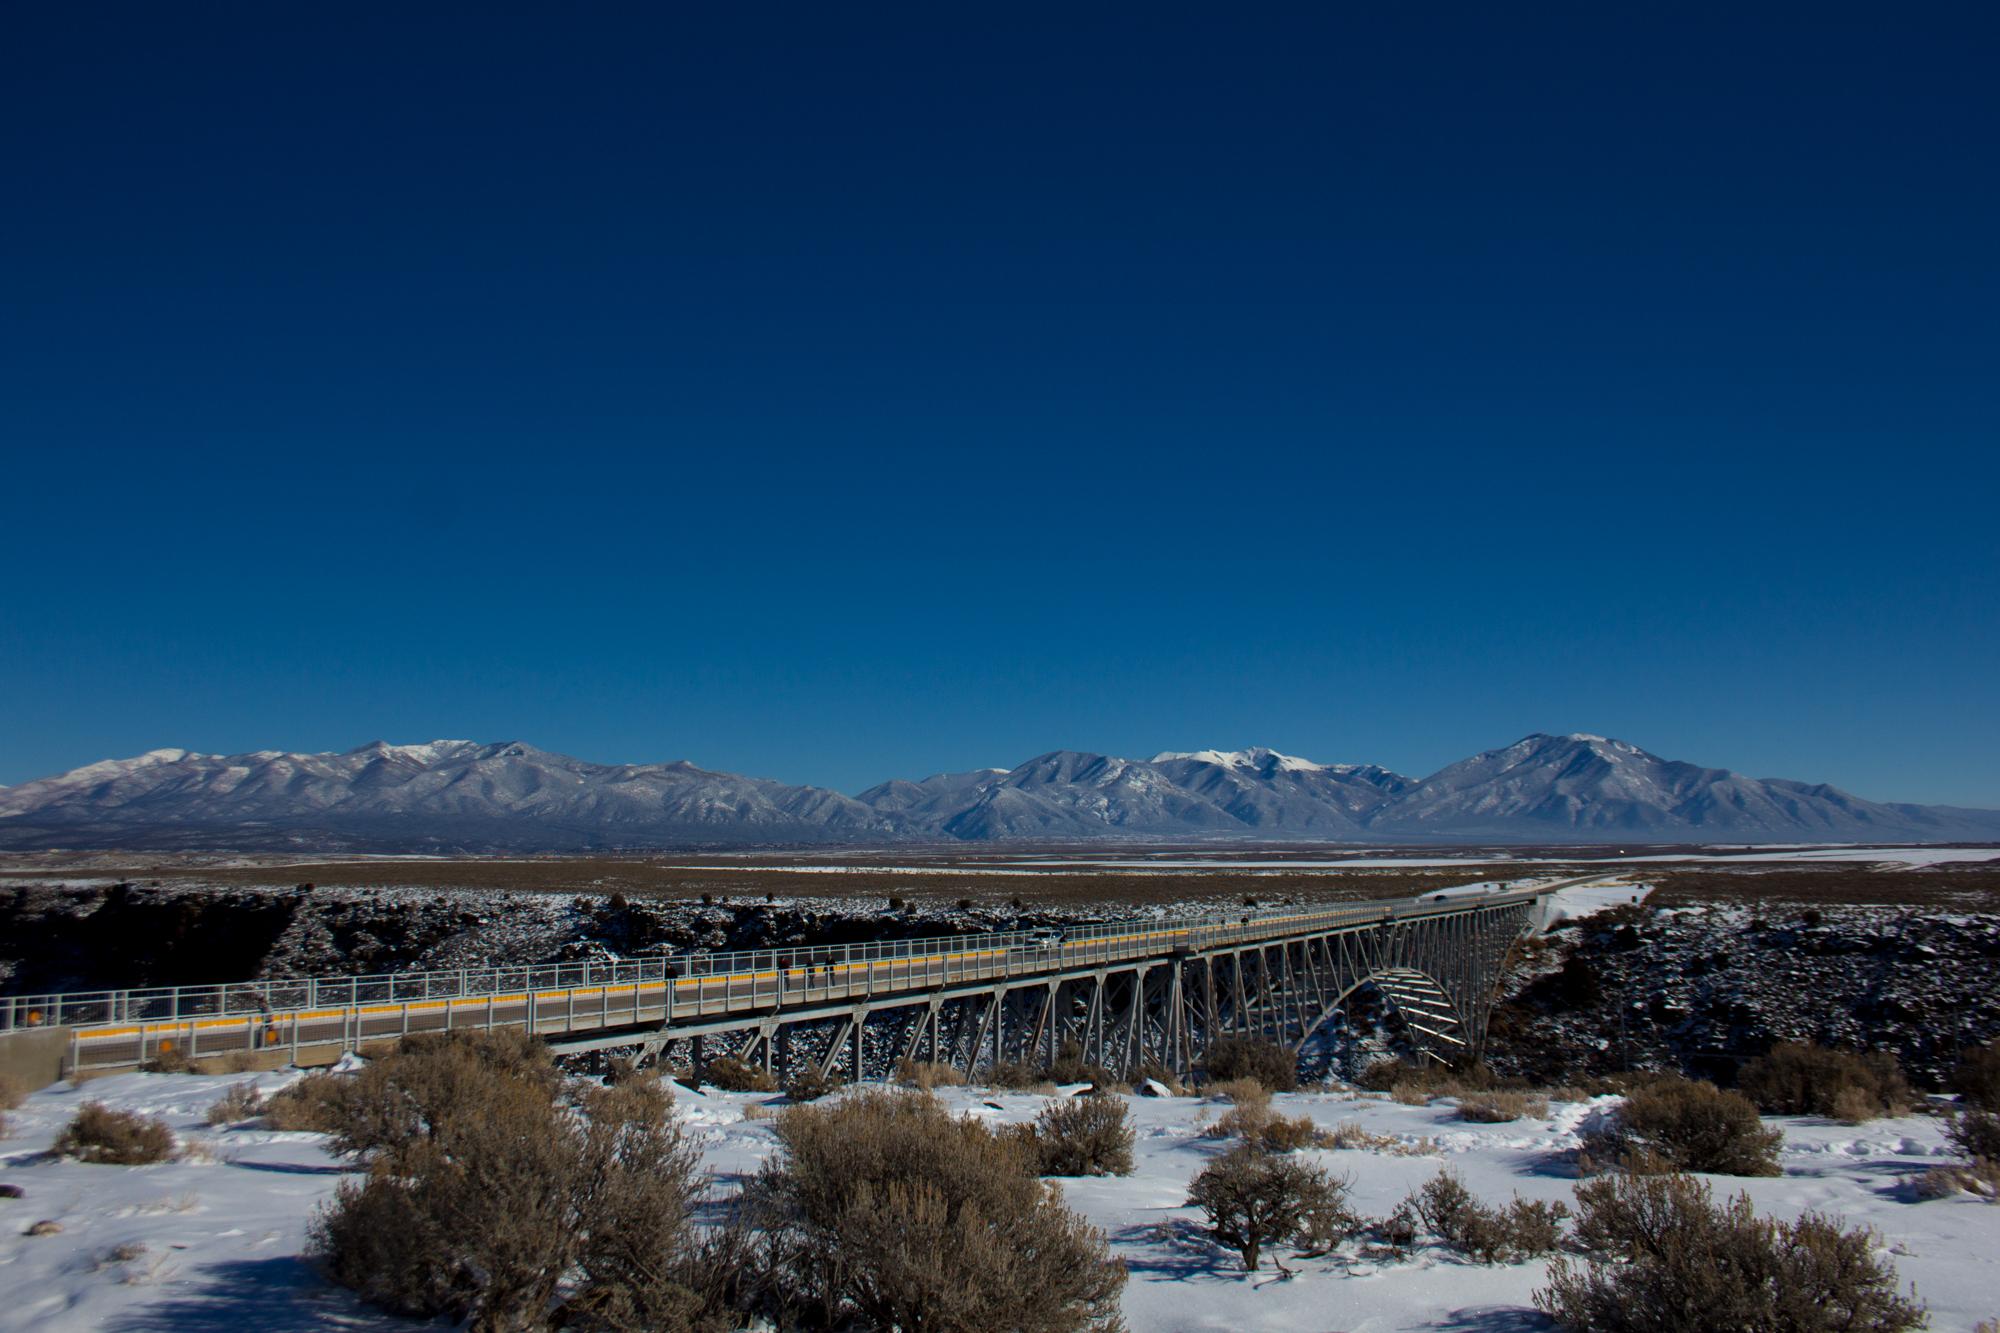 Taos, Bridge, New Mexico, Mountains